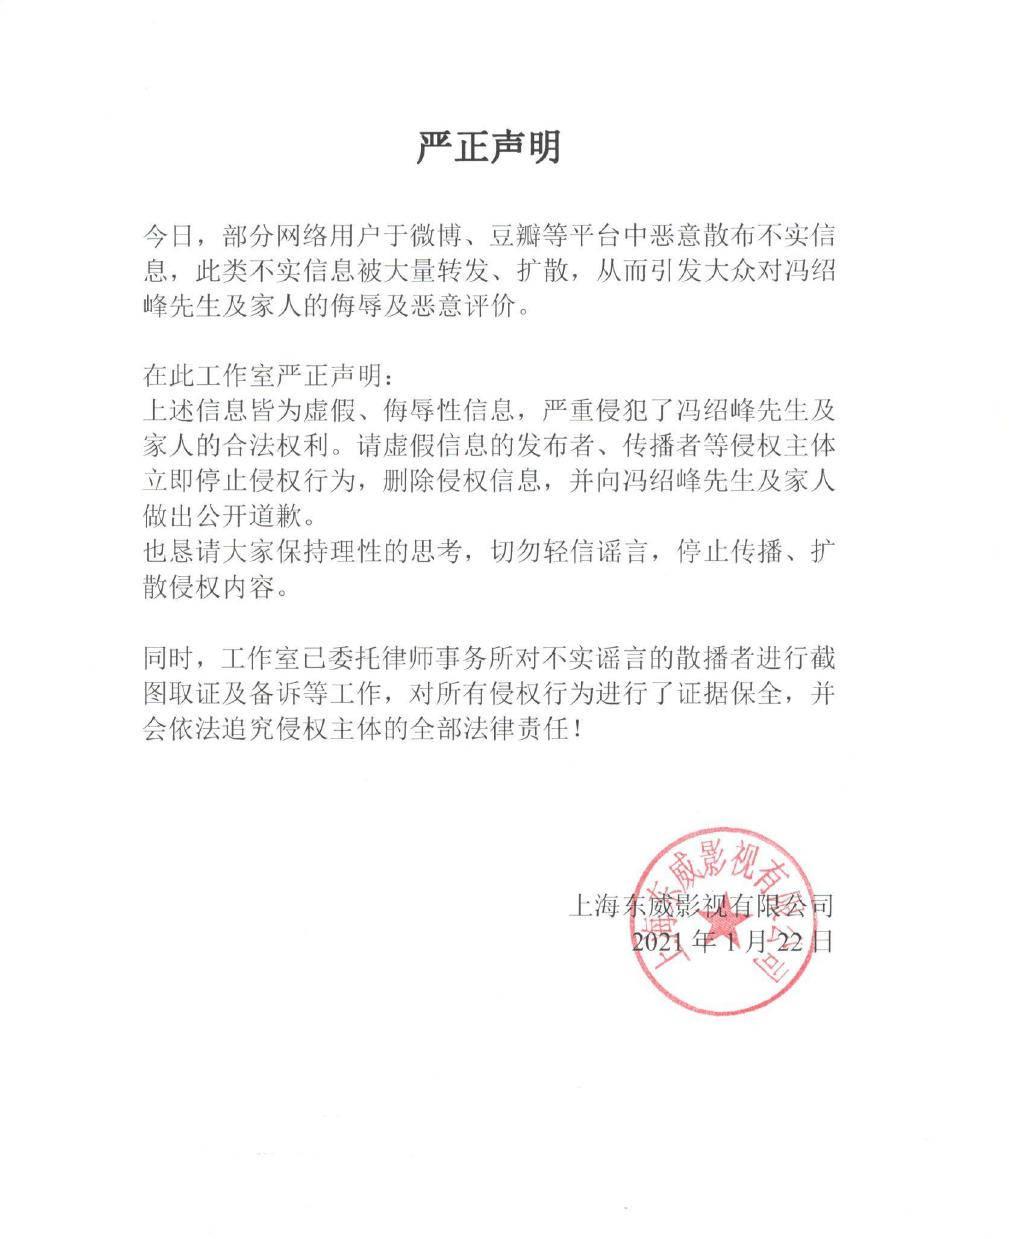 冯绍峰方发声明辟谣与赵丽颖离婚传闻:请停止传播不实谣言